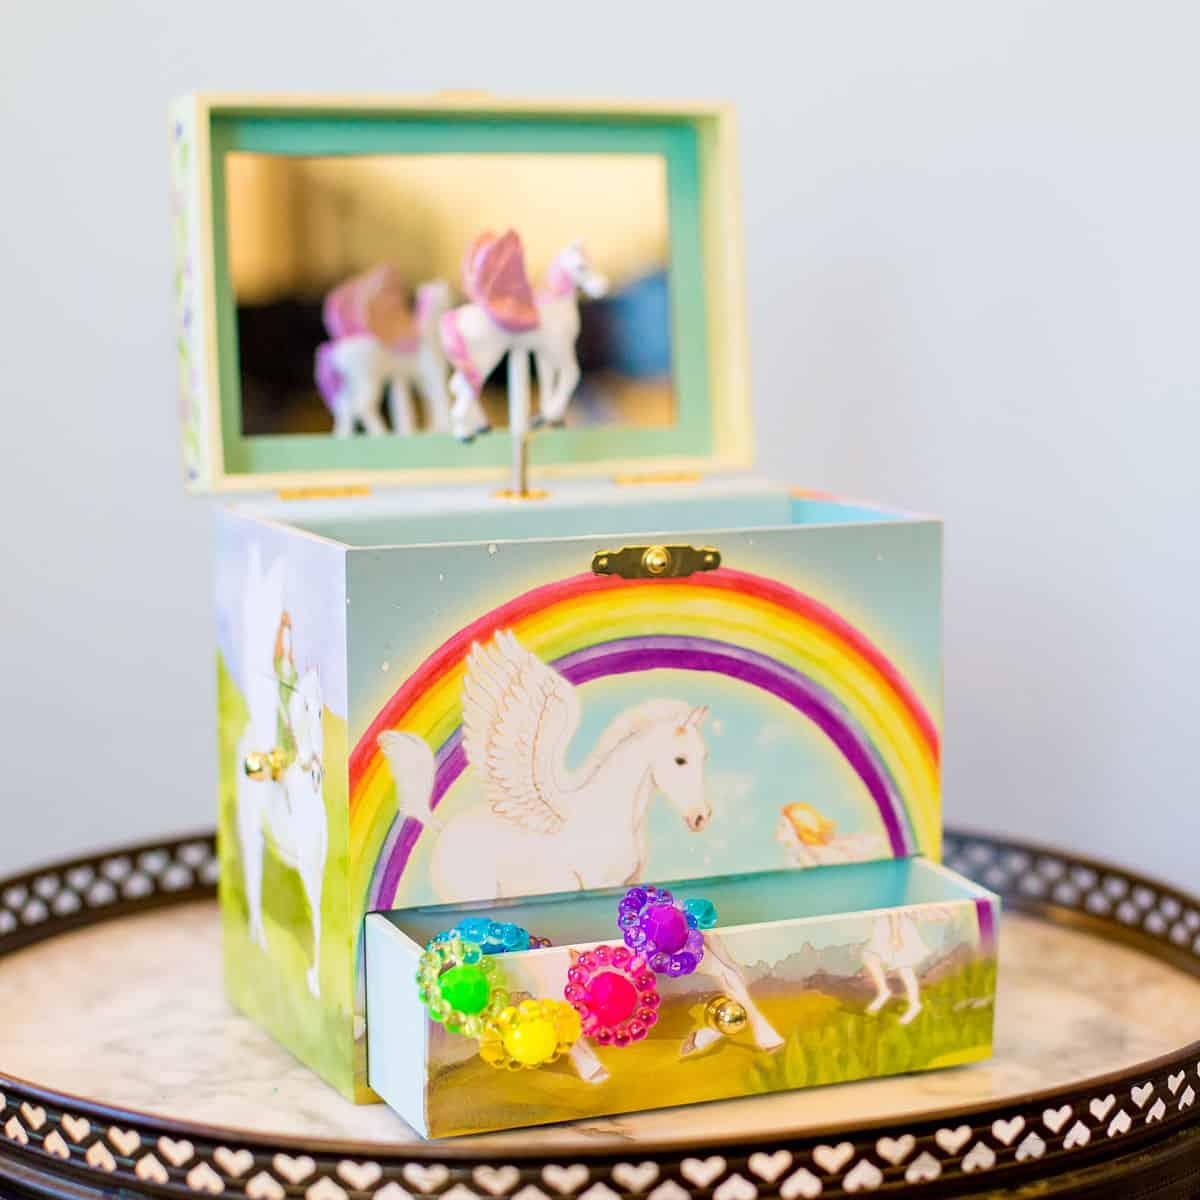 Daily Mom parents portal holiday Enchantments Musical Treasure box top toys 2018